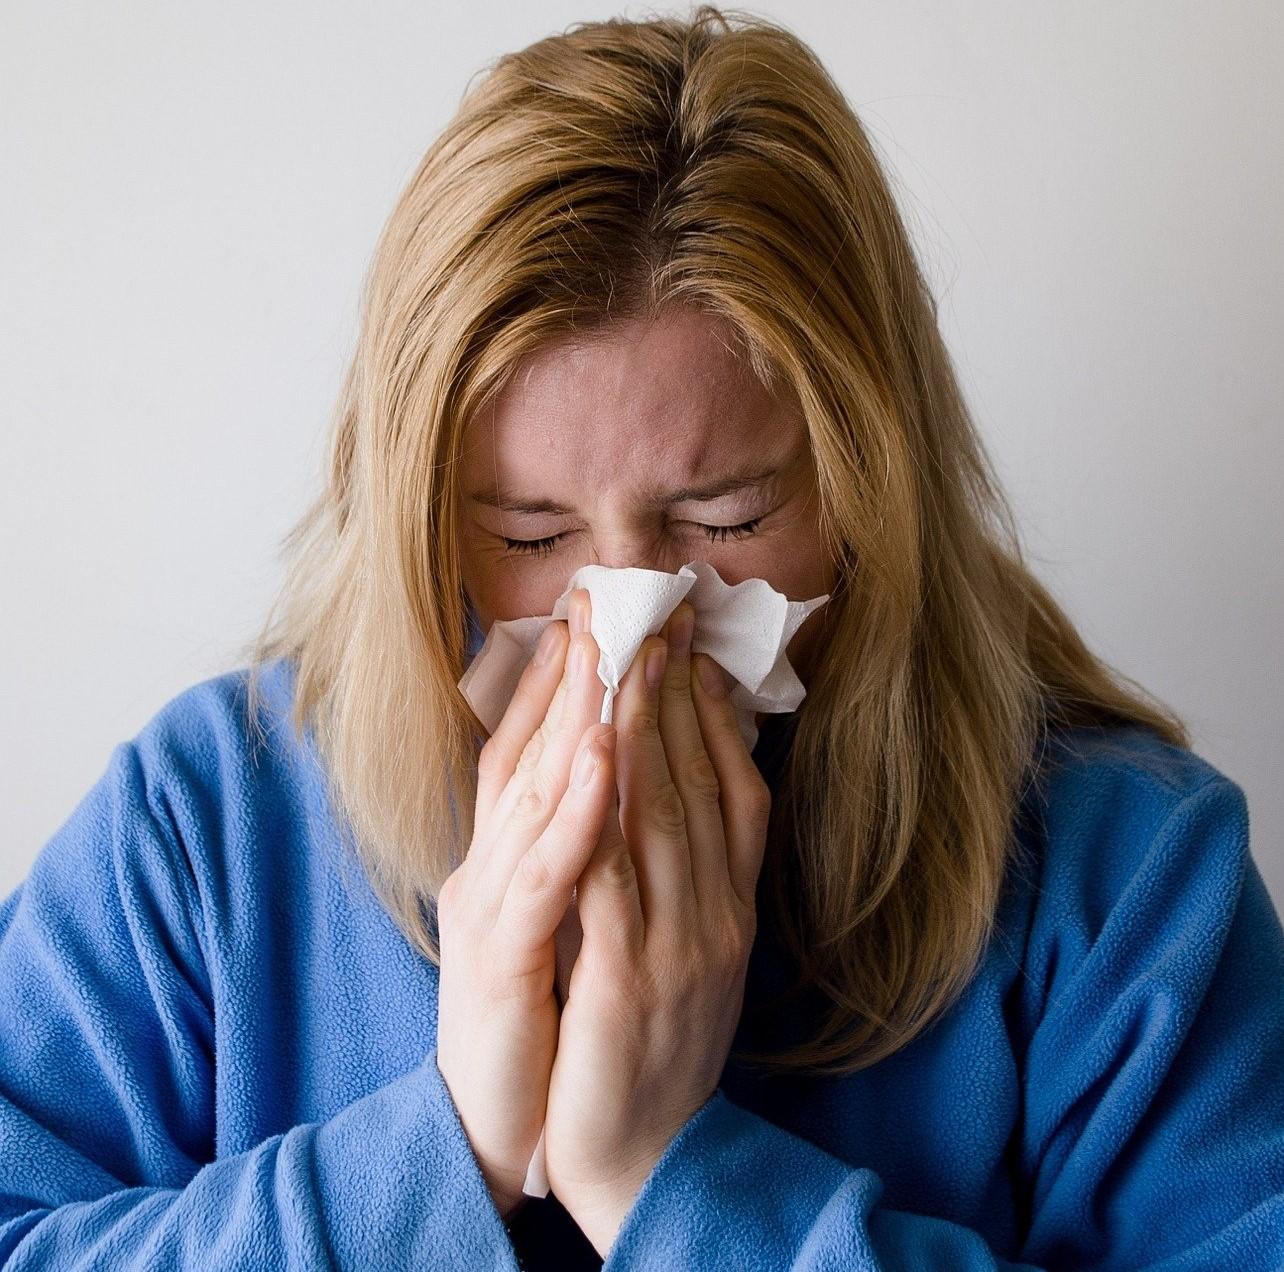 femme éternuant à cause d'une allergie aux acariens